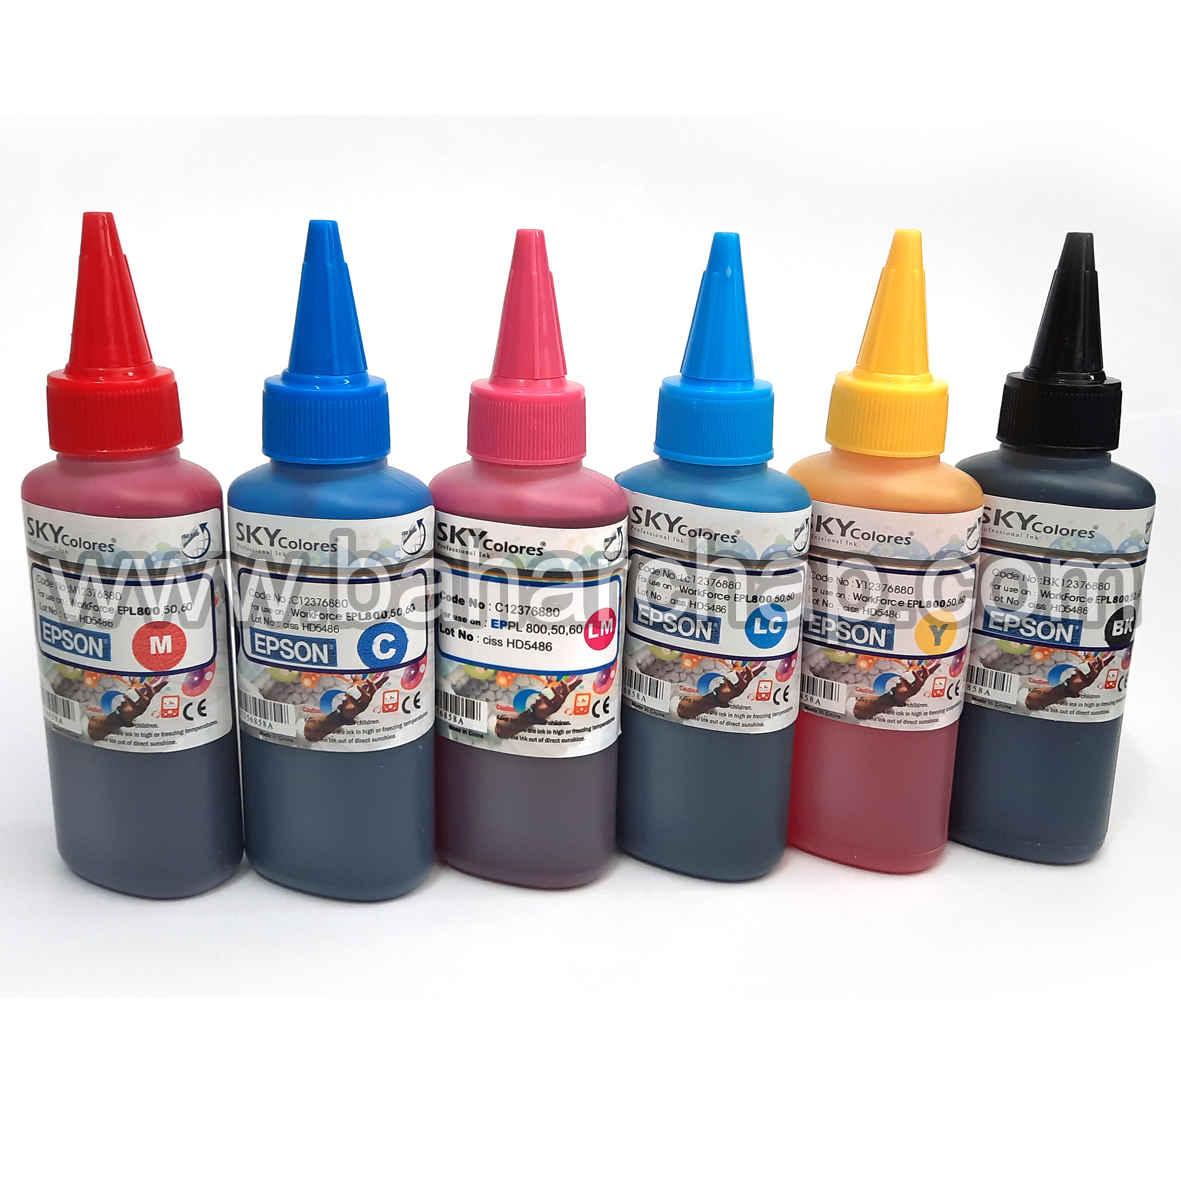 فروشگاه و خدمات اینترنتی بهارچاپ اصفهان-جوهر اسکای 100cc (ست شش رنگ اپسون)-SKY INK FOR EPSON 6 COLOR